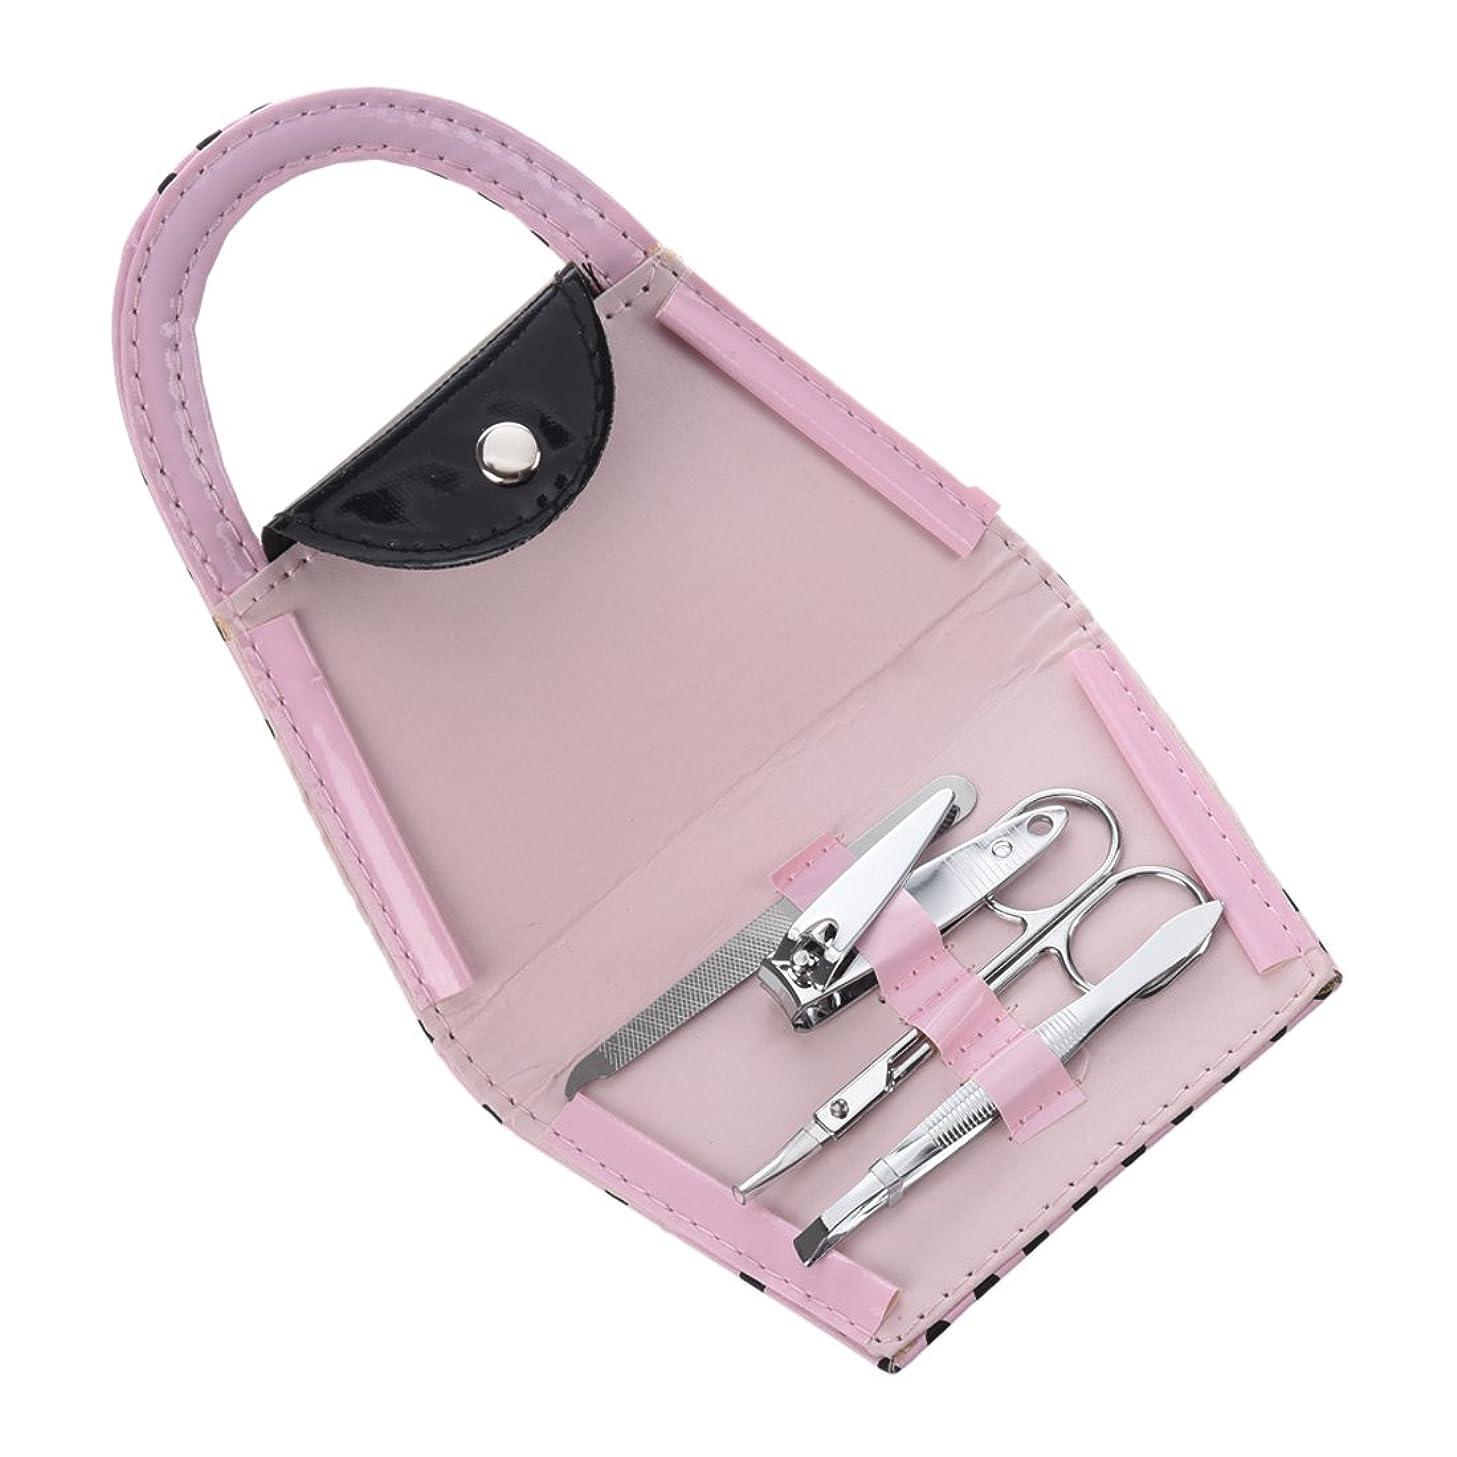 研磨剤トークンによってネイルマニキュア,SODIAL(R)旅行ハンドバッグネイルマニキュアキットアクセサリーケア ミラーピンセットクリッパー